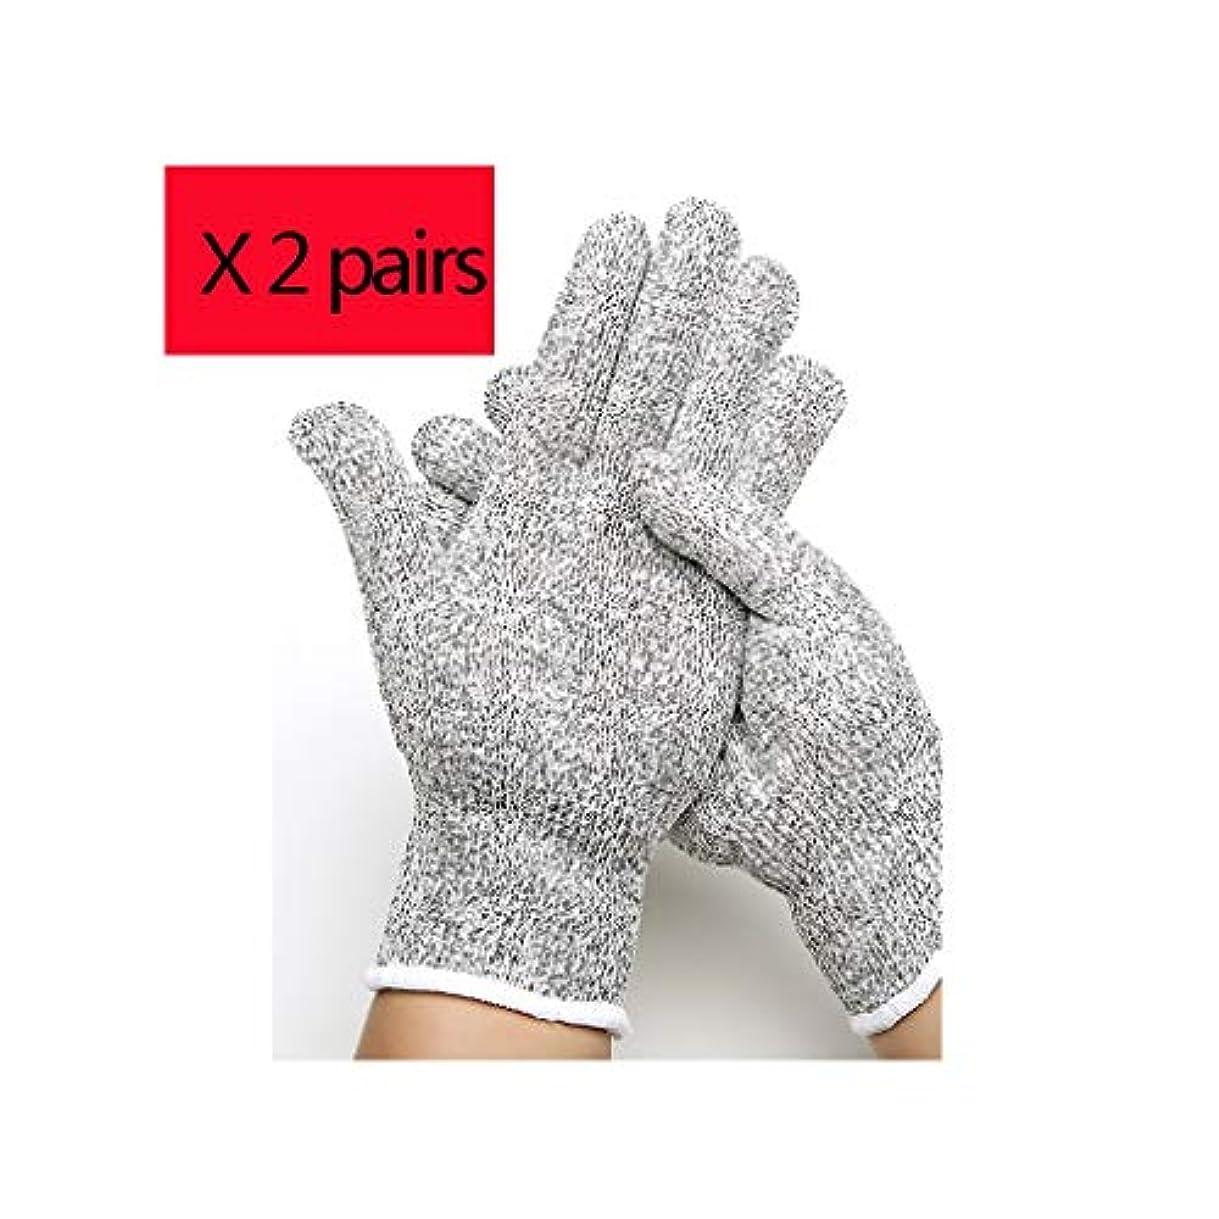 賞賛するアグネスグレイ商品LIUXIN ナイフカット手袋厚手の耐摩耗性産業用労働手袋家庭用保護手袋マルチサイズオプション×2 ゴム手袋 (Size : S)